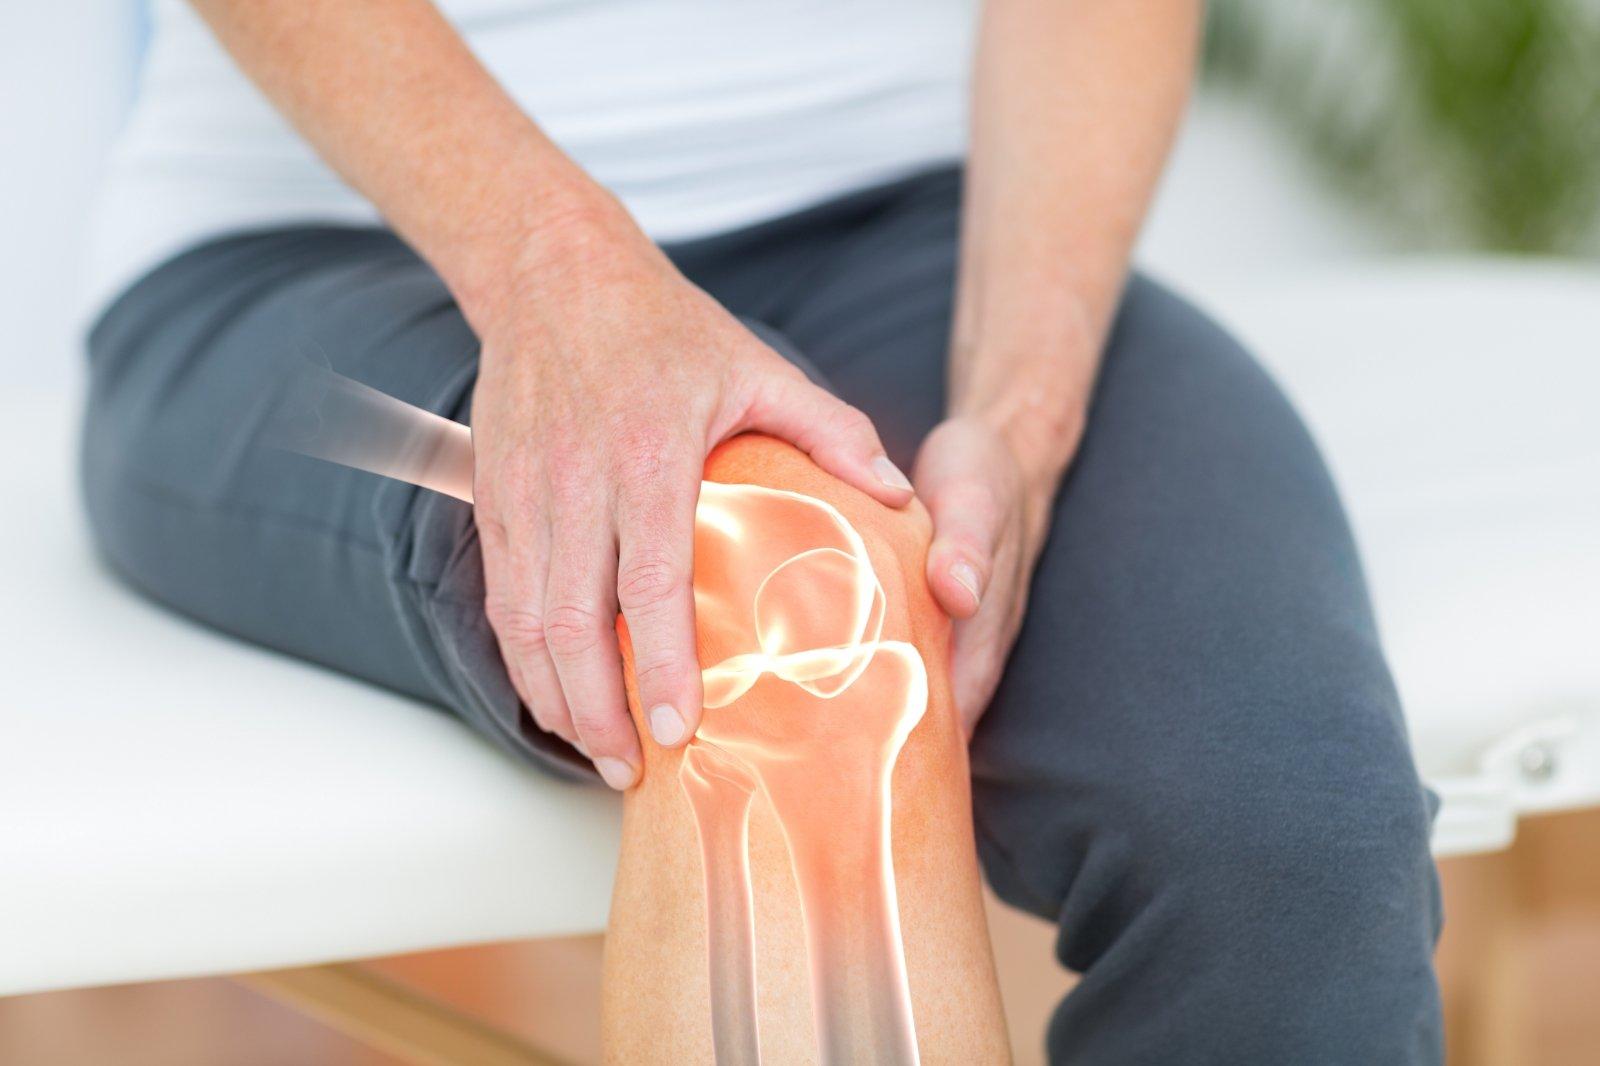 kaip sumažinti riešo sąnario skausmą gydymas liaudies bendrų priemonėmis į ranką